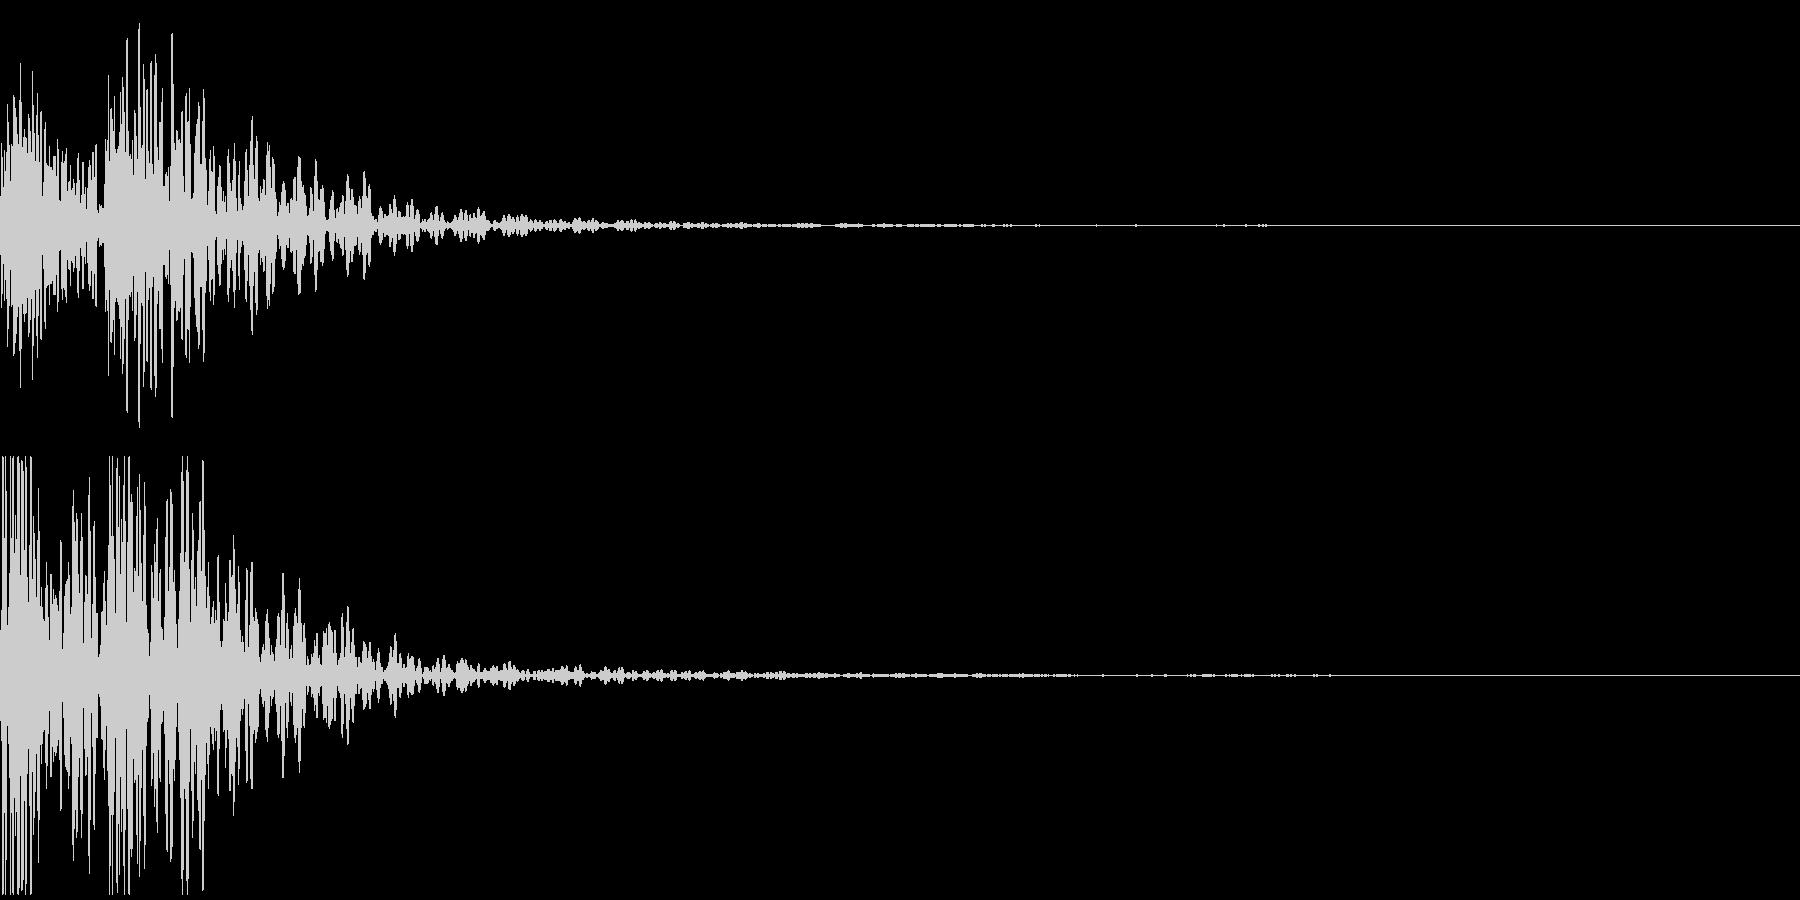 太鼓音1【ドドン】の未再生の波形